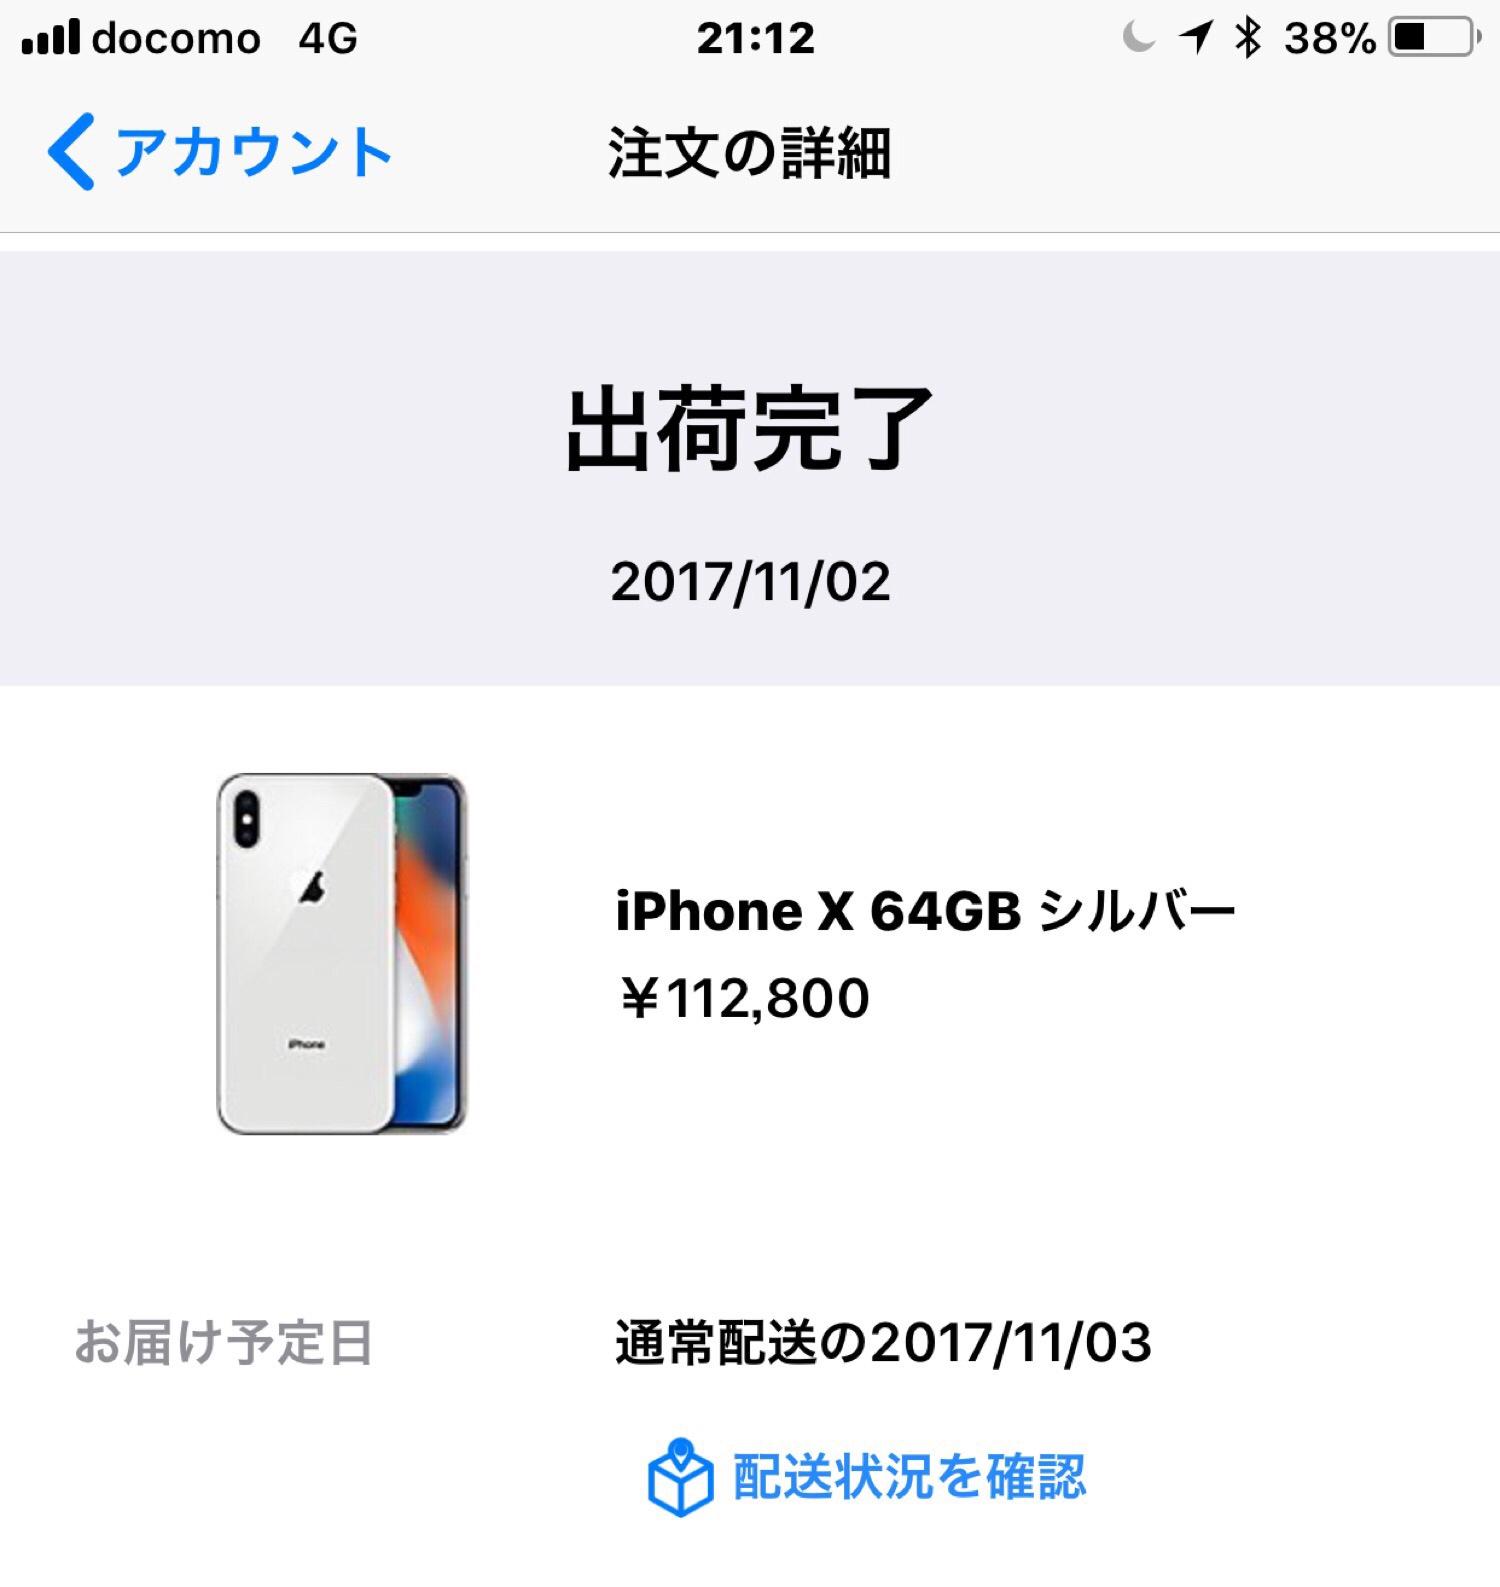 iPhone Xは予定通り出荷完了で11月3日に配送されるのだがオレは受け取れない涙